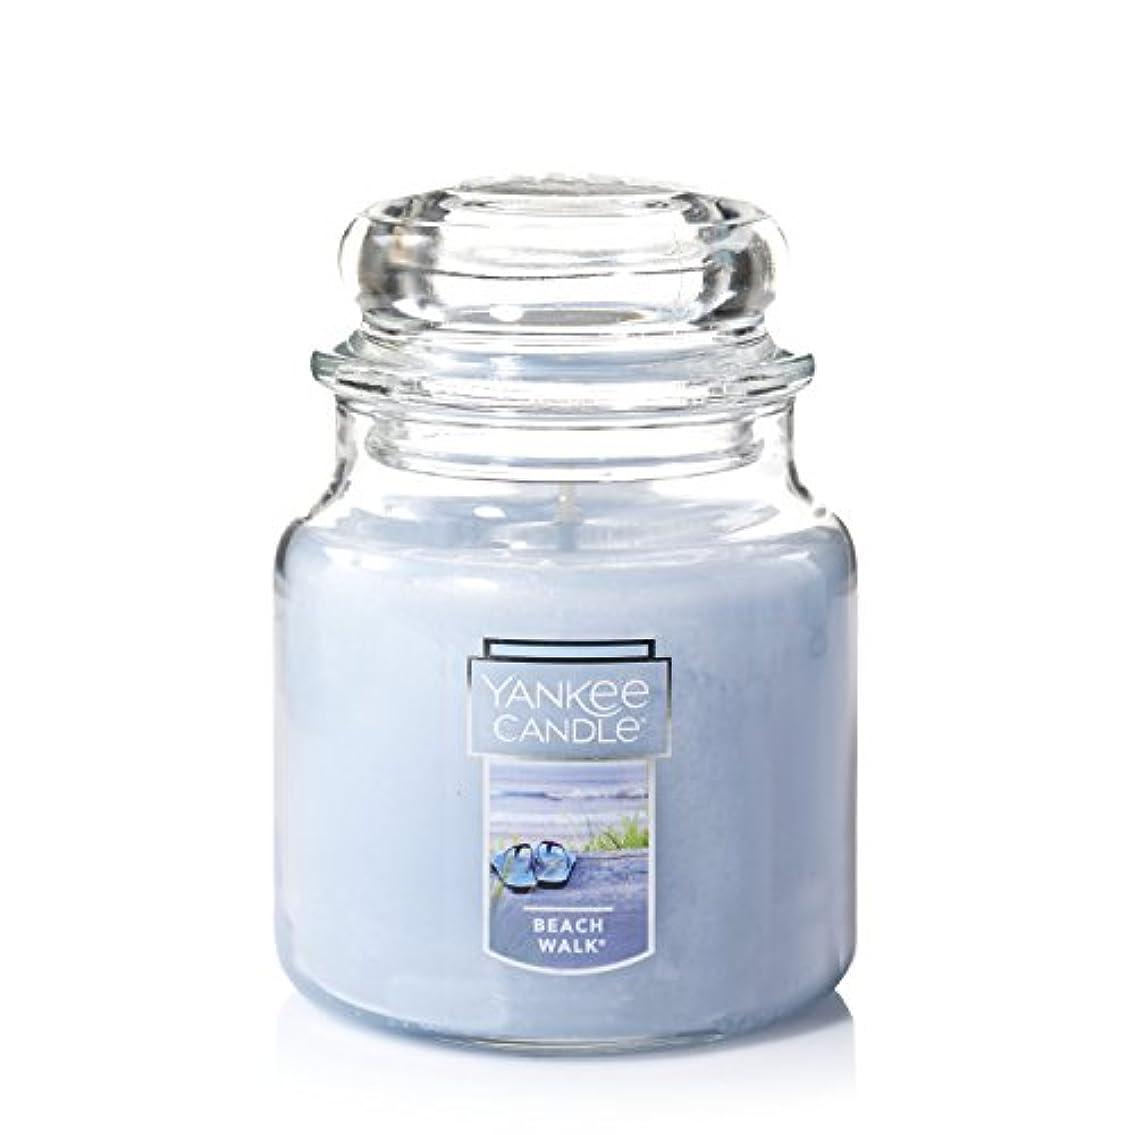 エンジニアリングカード同一性(ヤンキーキャンドル) Yankee Candle Lサイズ ジャーキャンドル Medium Jar Candle 1129791Z